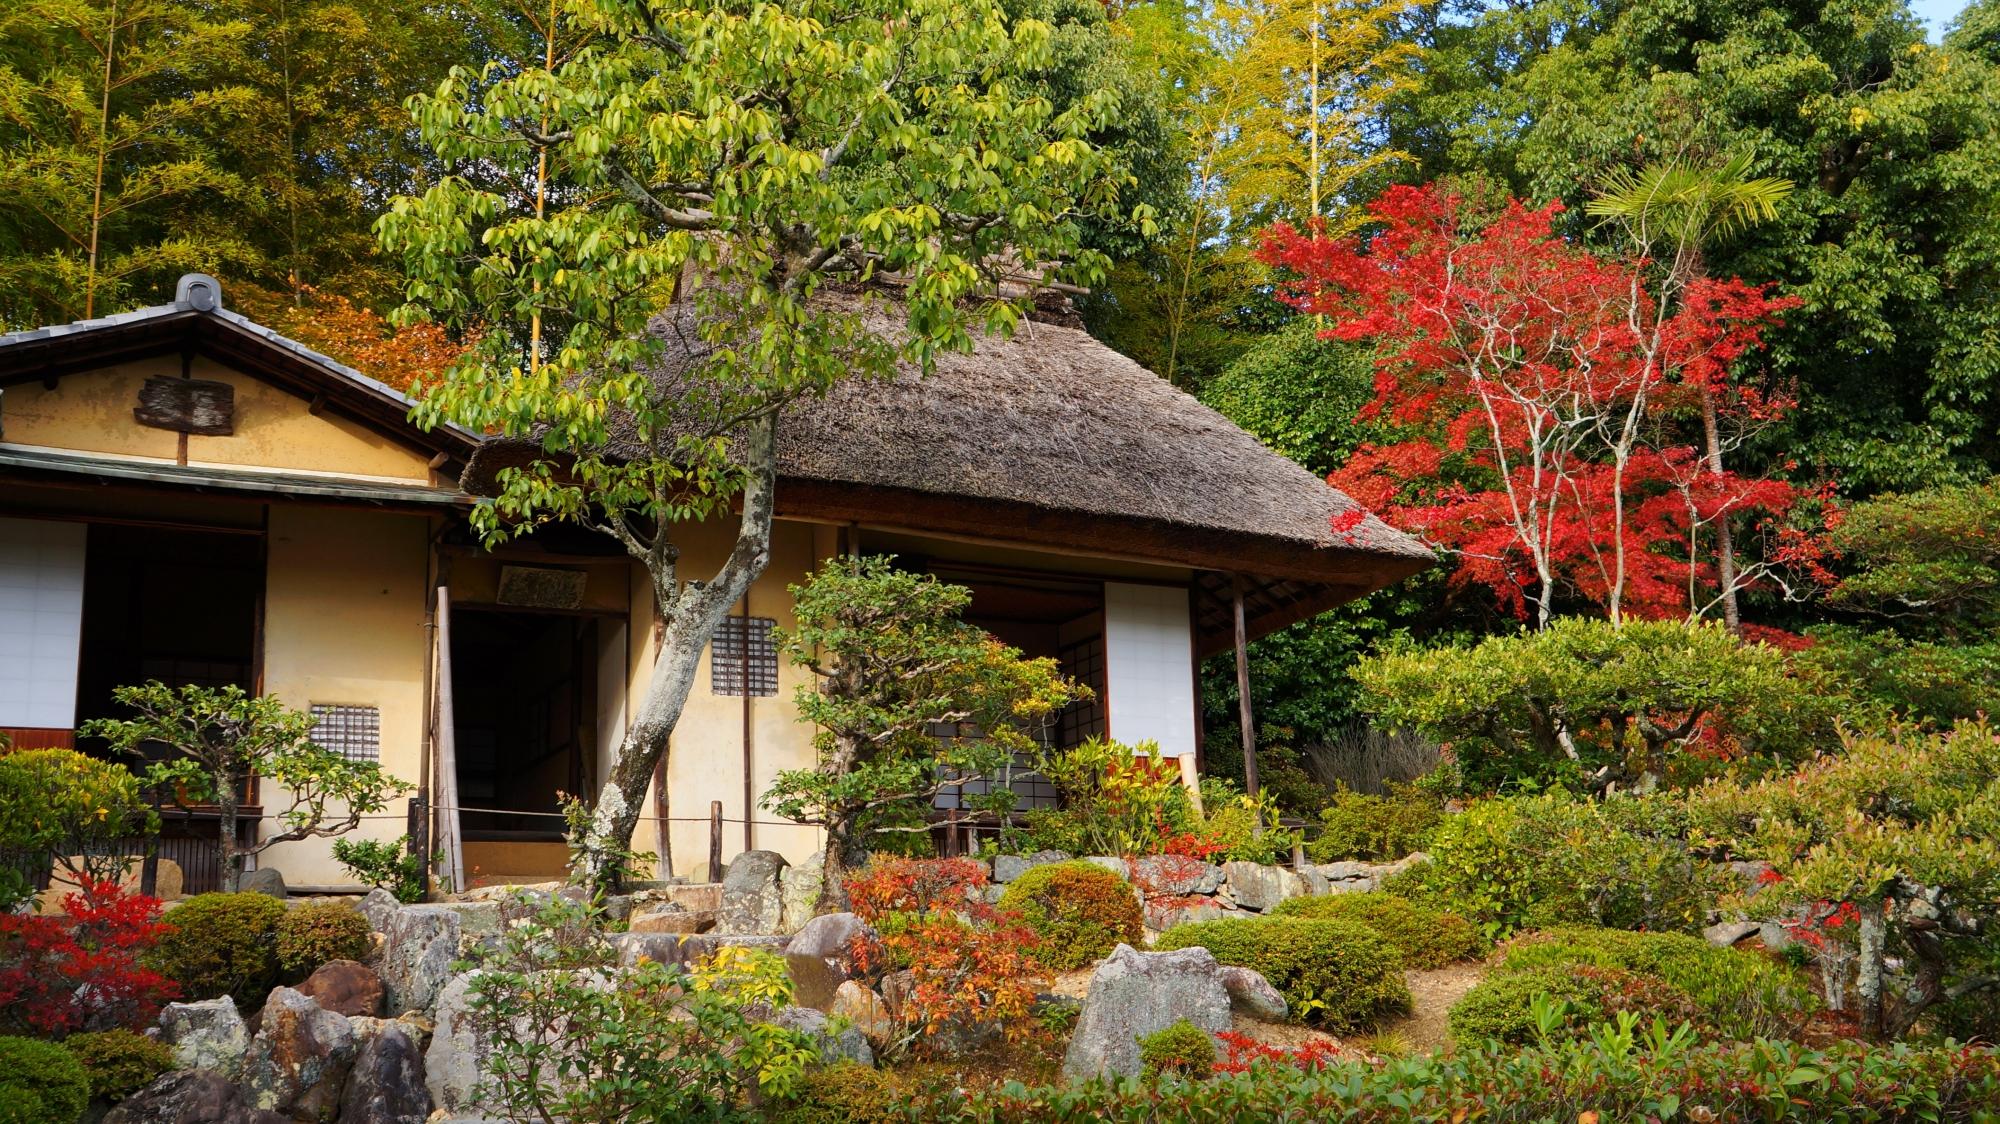 緑と風情溢れる庭園で鮮やかに色づく紅葉